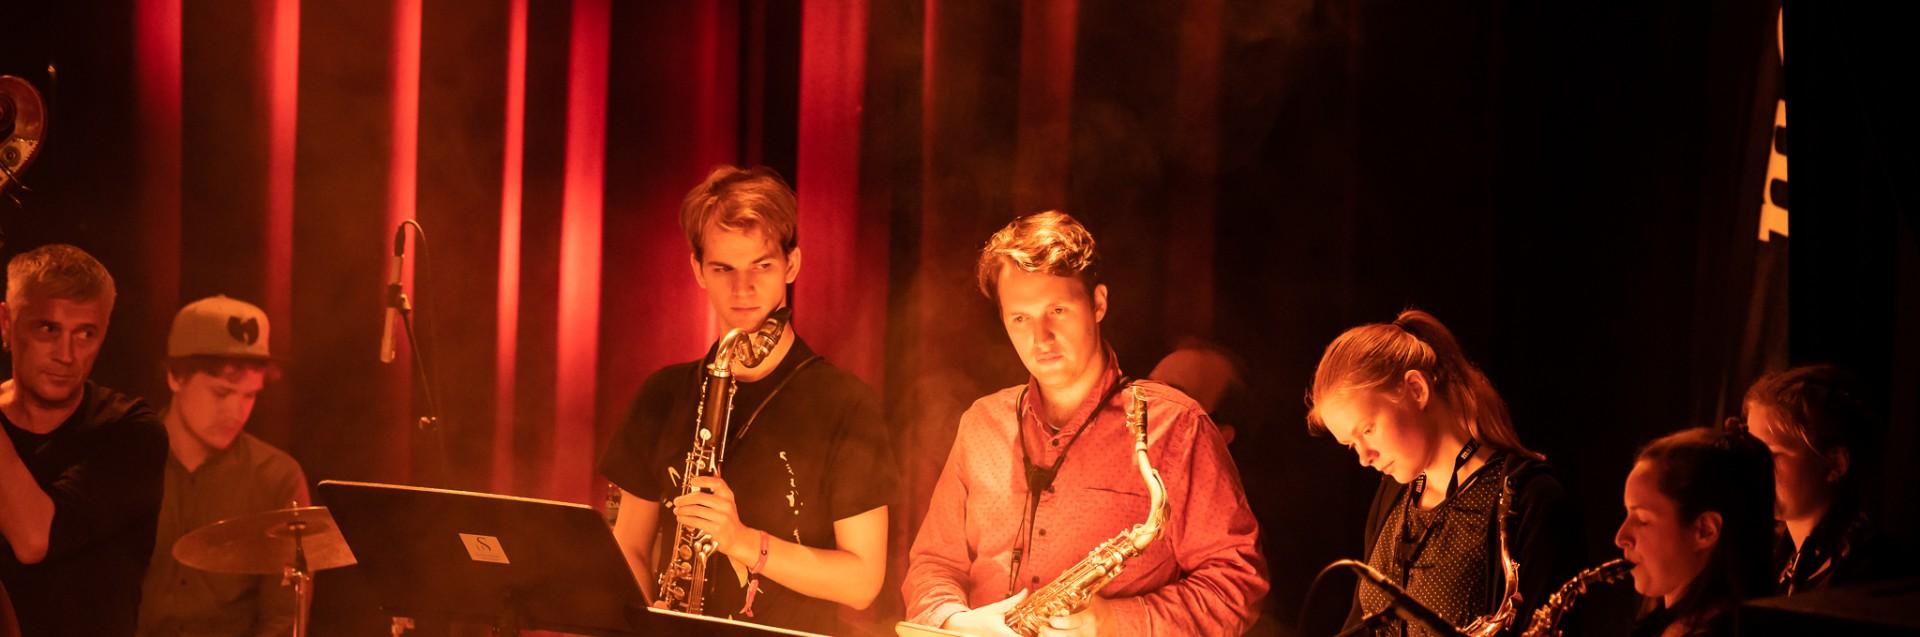 Bjergsted jazzensemble og Valkyrien Allstar, konsert på Spor 5. Foto: Trine Nessler Wichmann